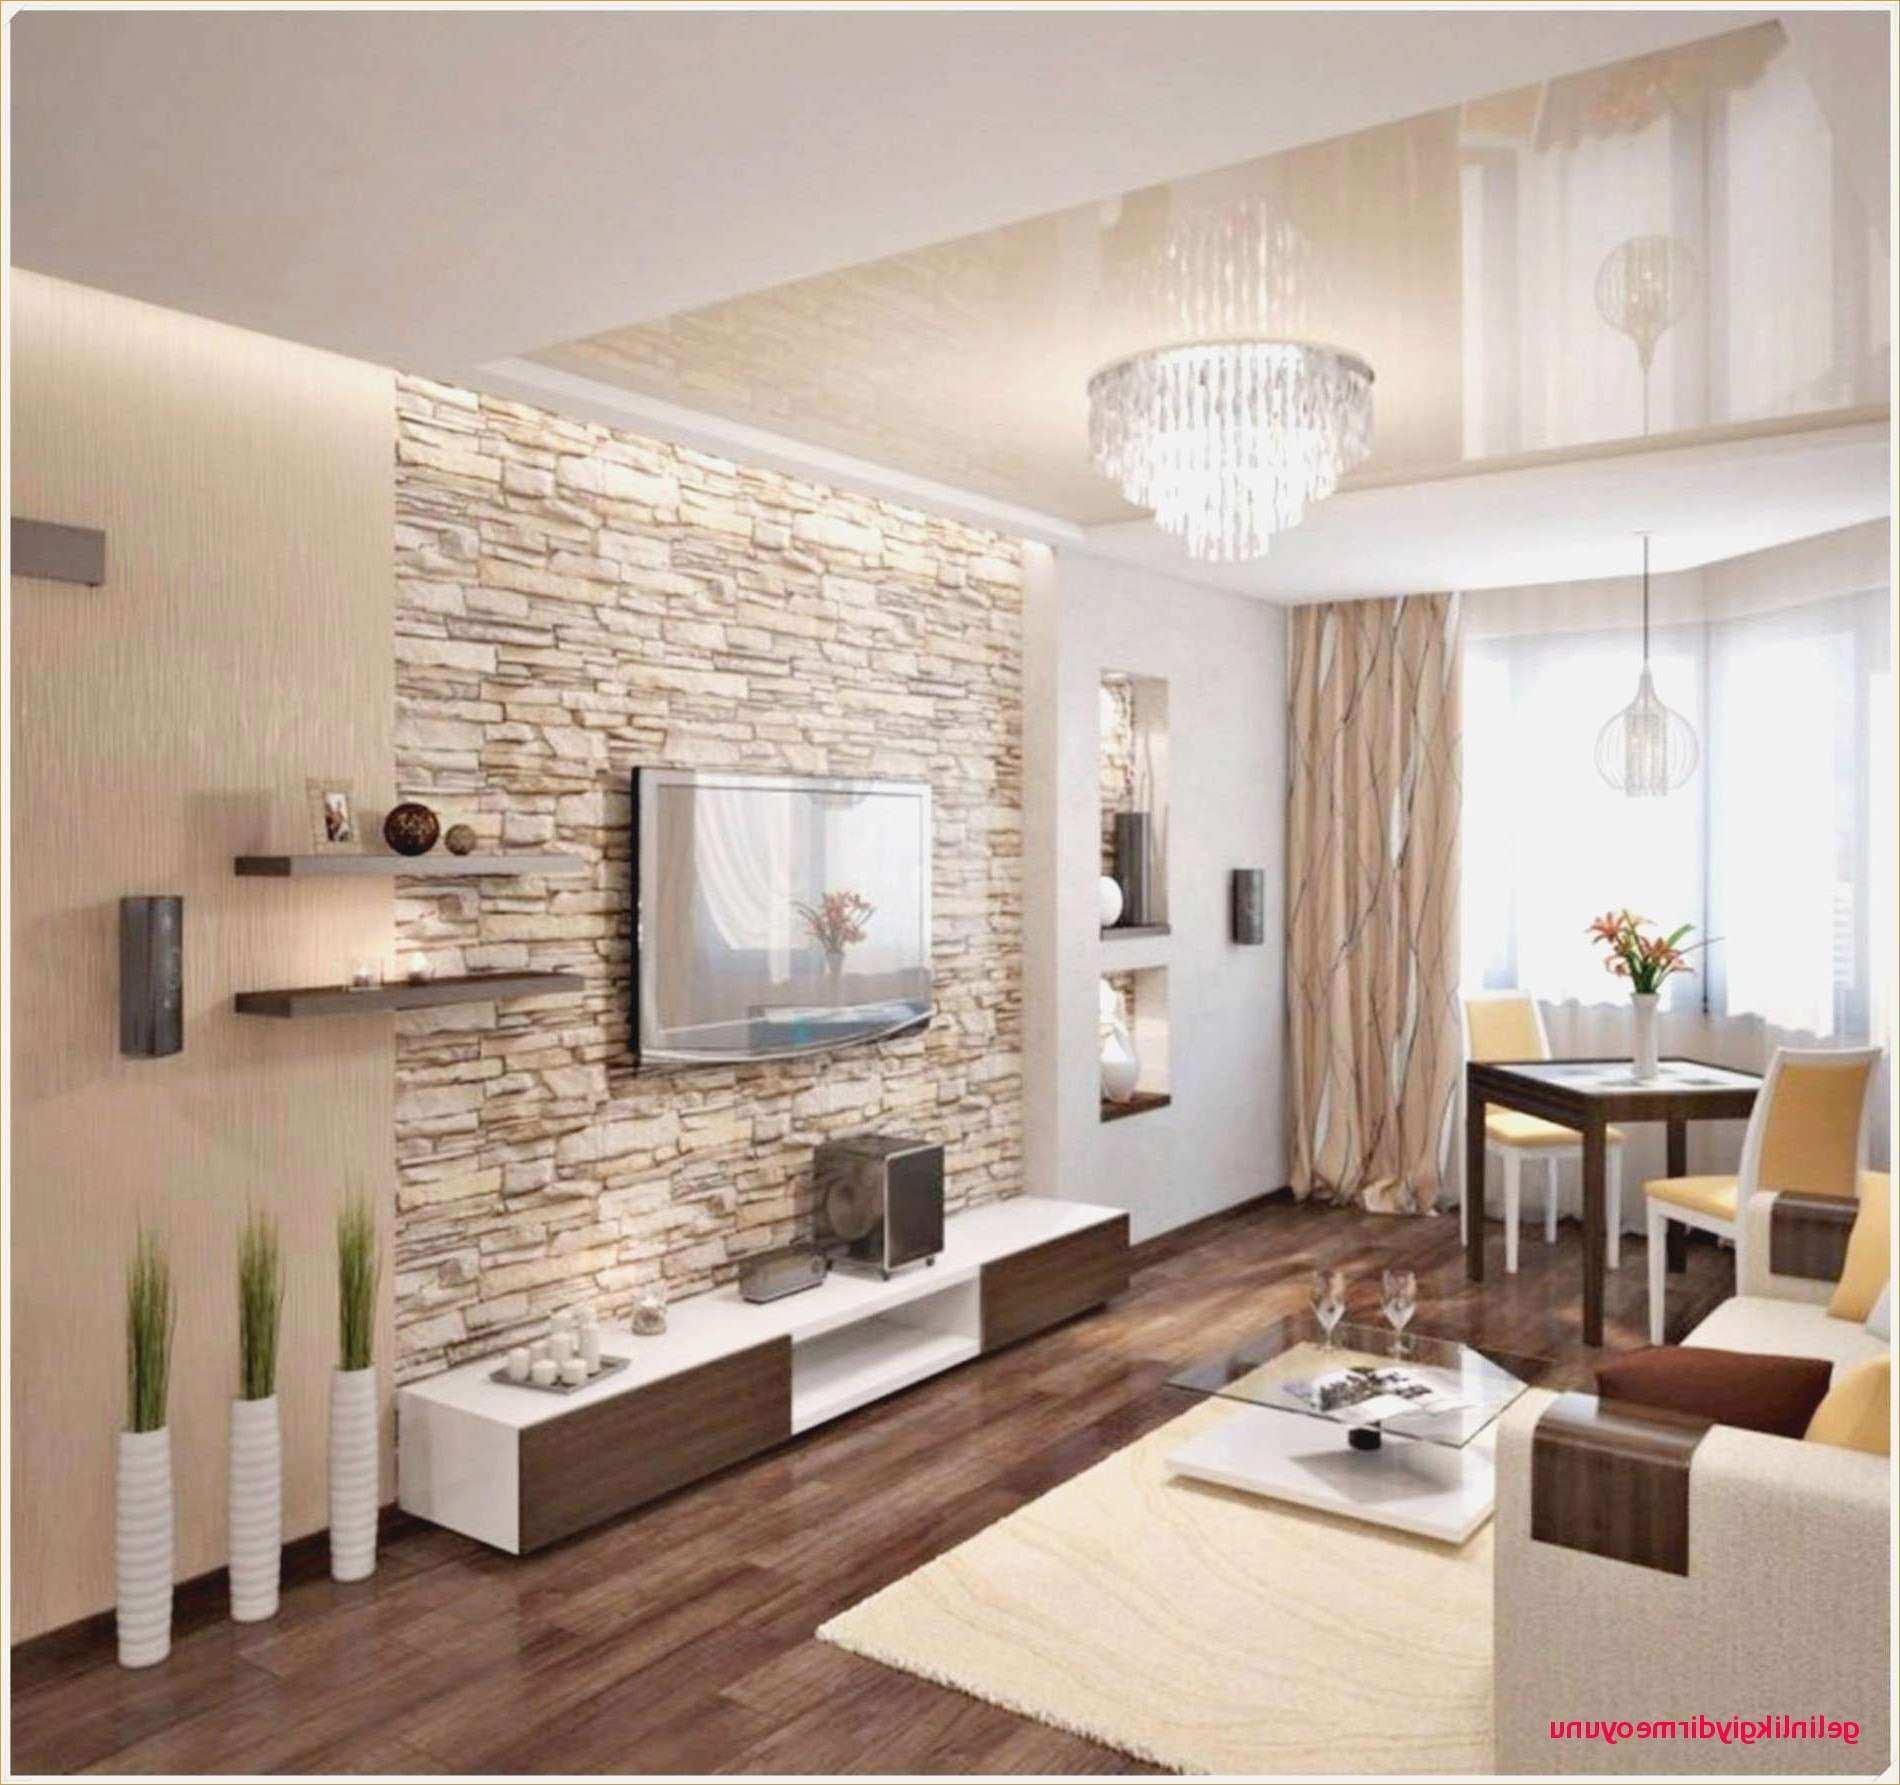 deko basteln wohnzimmer beautiful 45 inspirierend dekorieren mit holz bild of deko basteln wohnzimmer